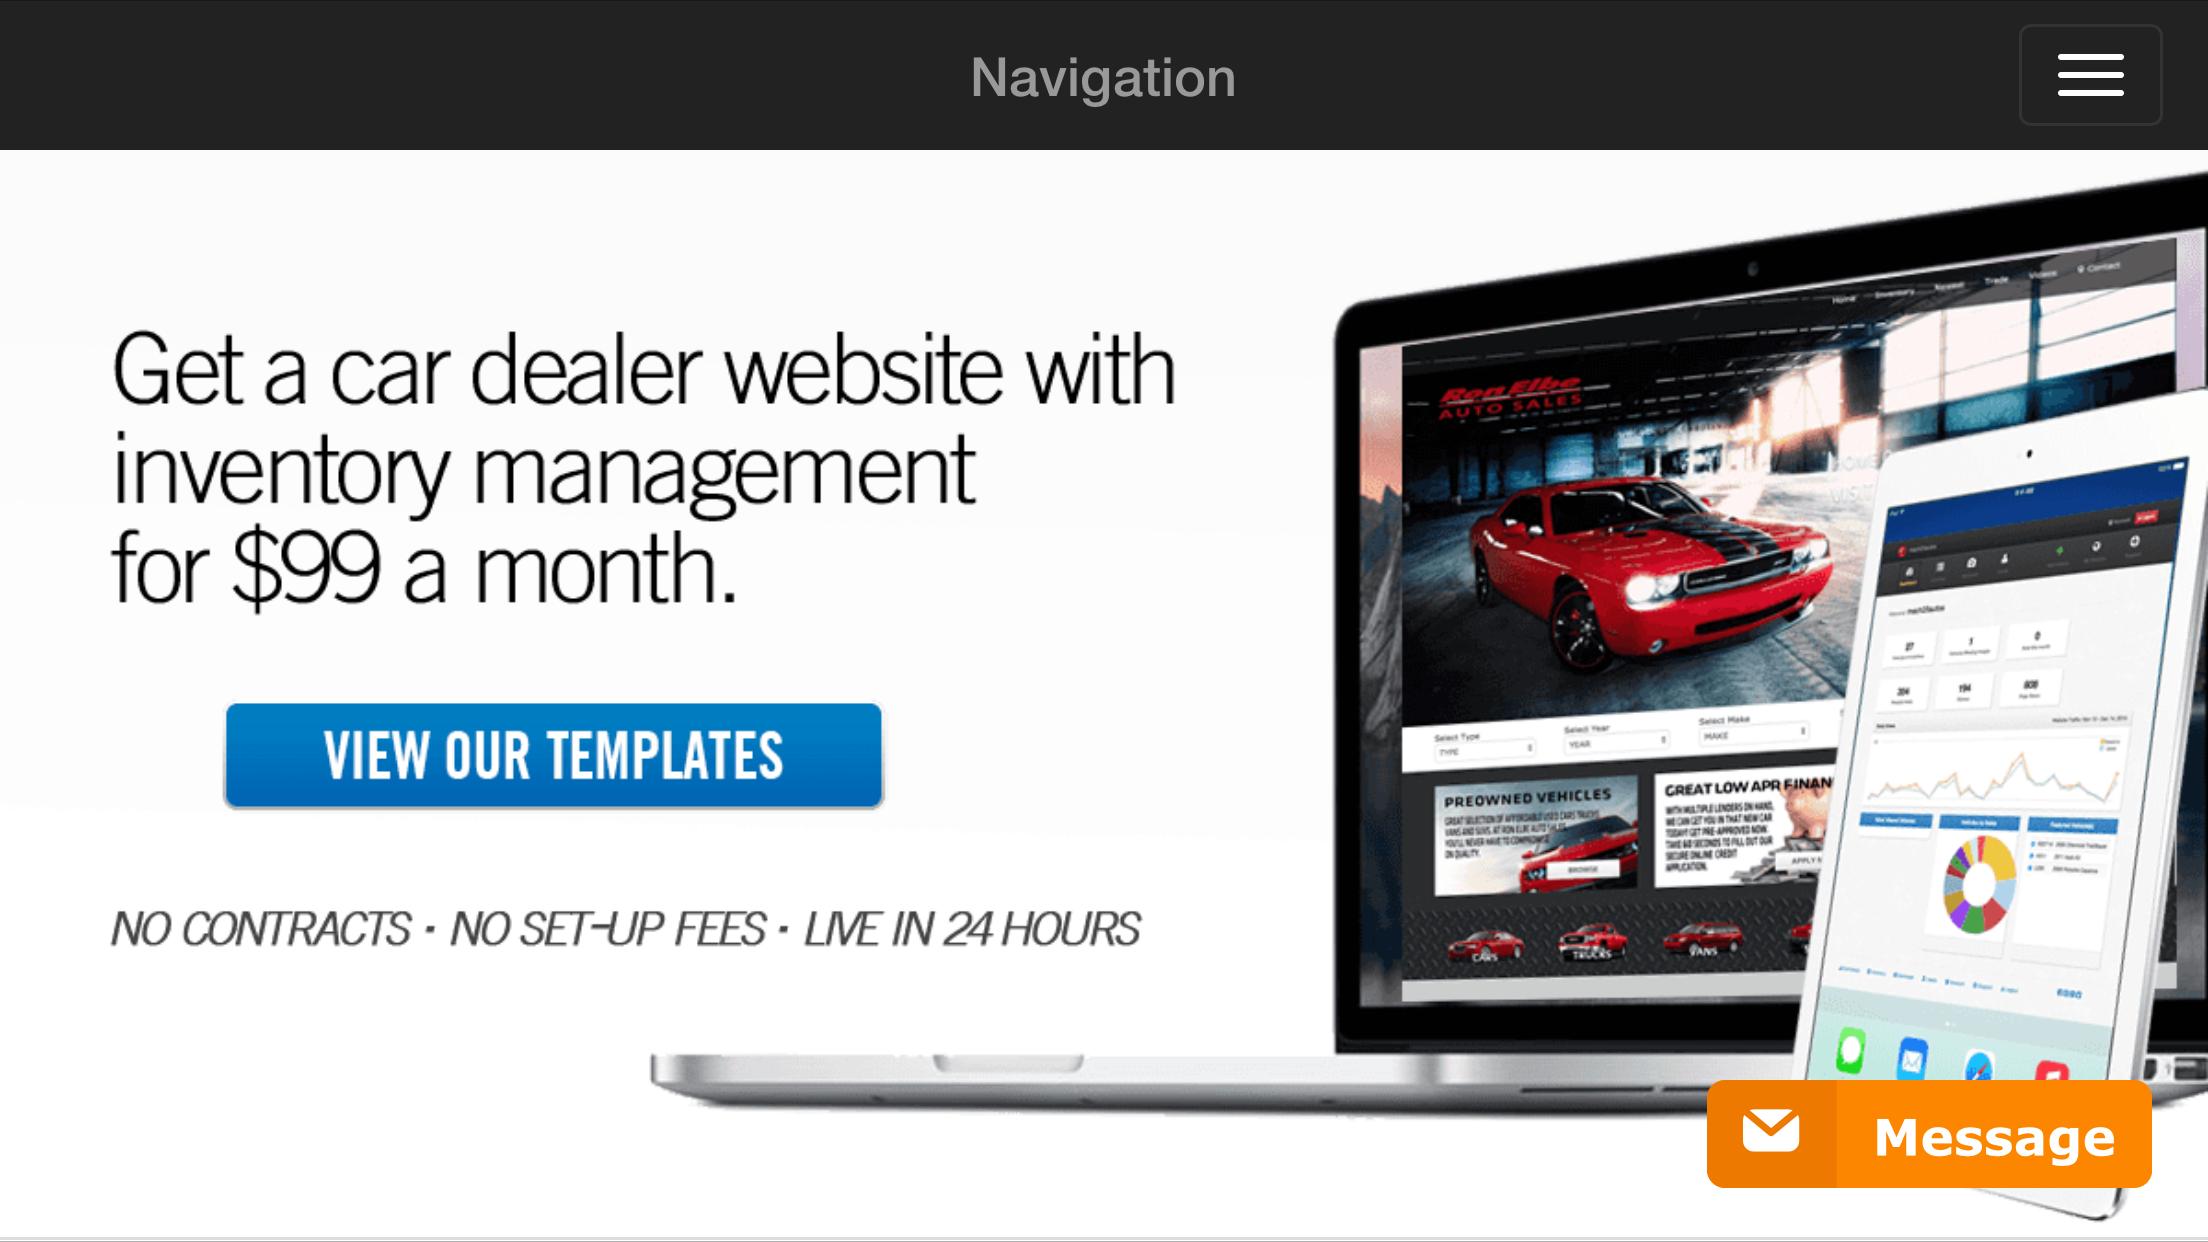 Car Dealership Website Design Including Inventory Management